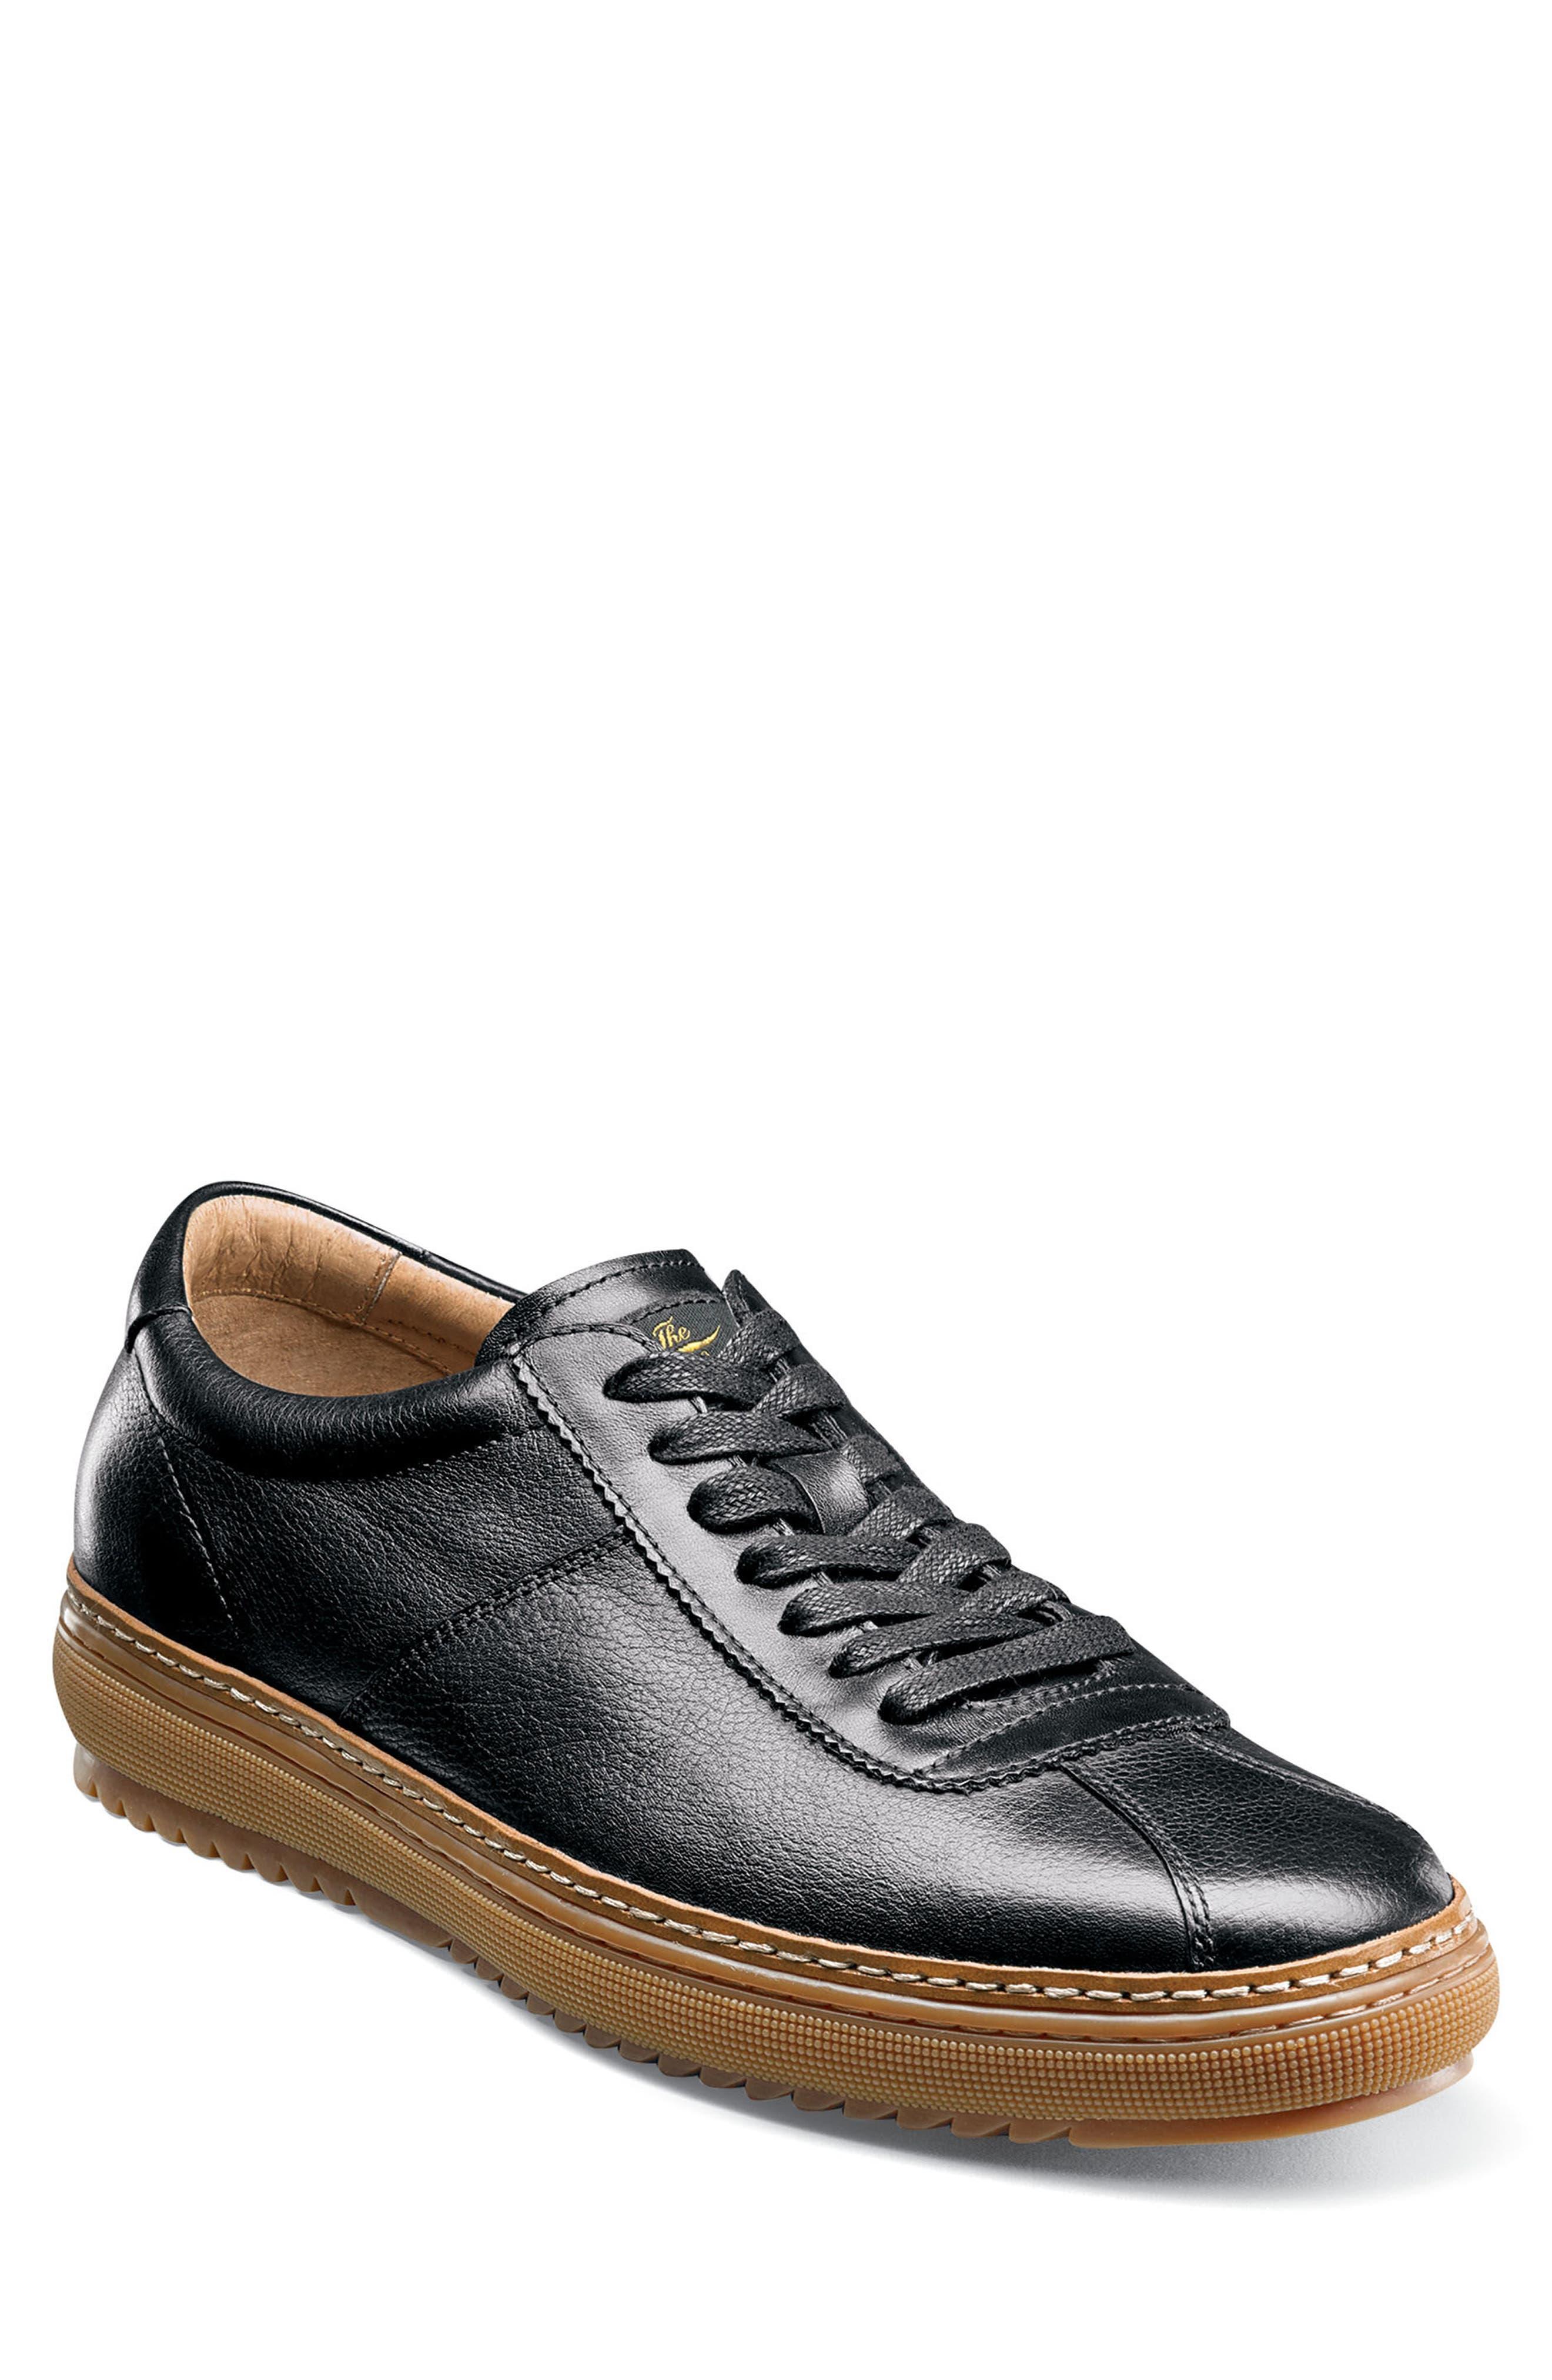 Crew Sneaker,                             Main thumbnail 1, color,                             001